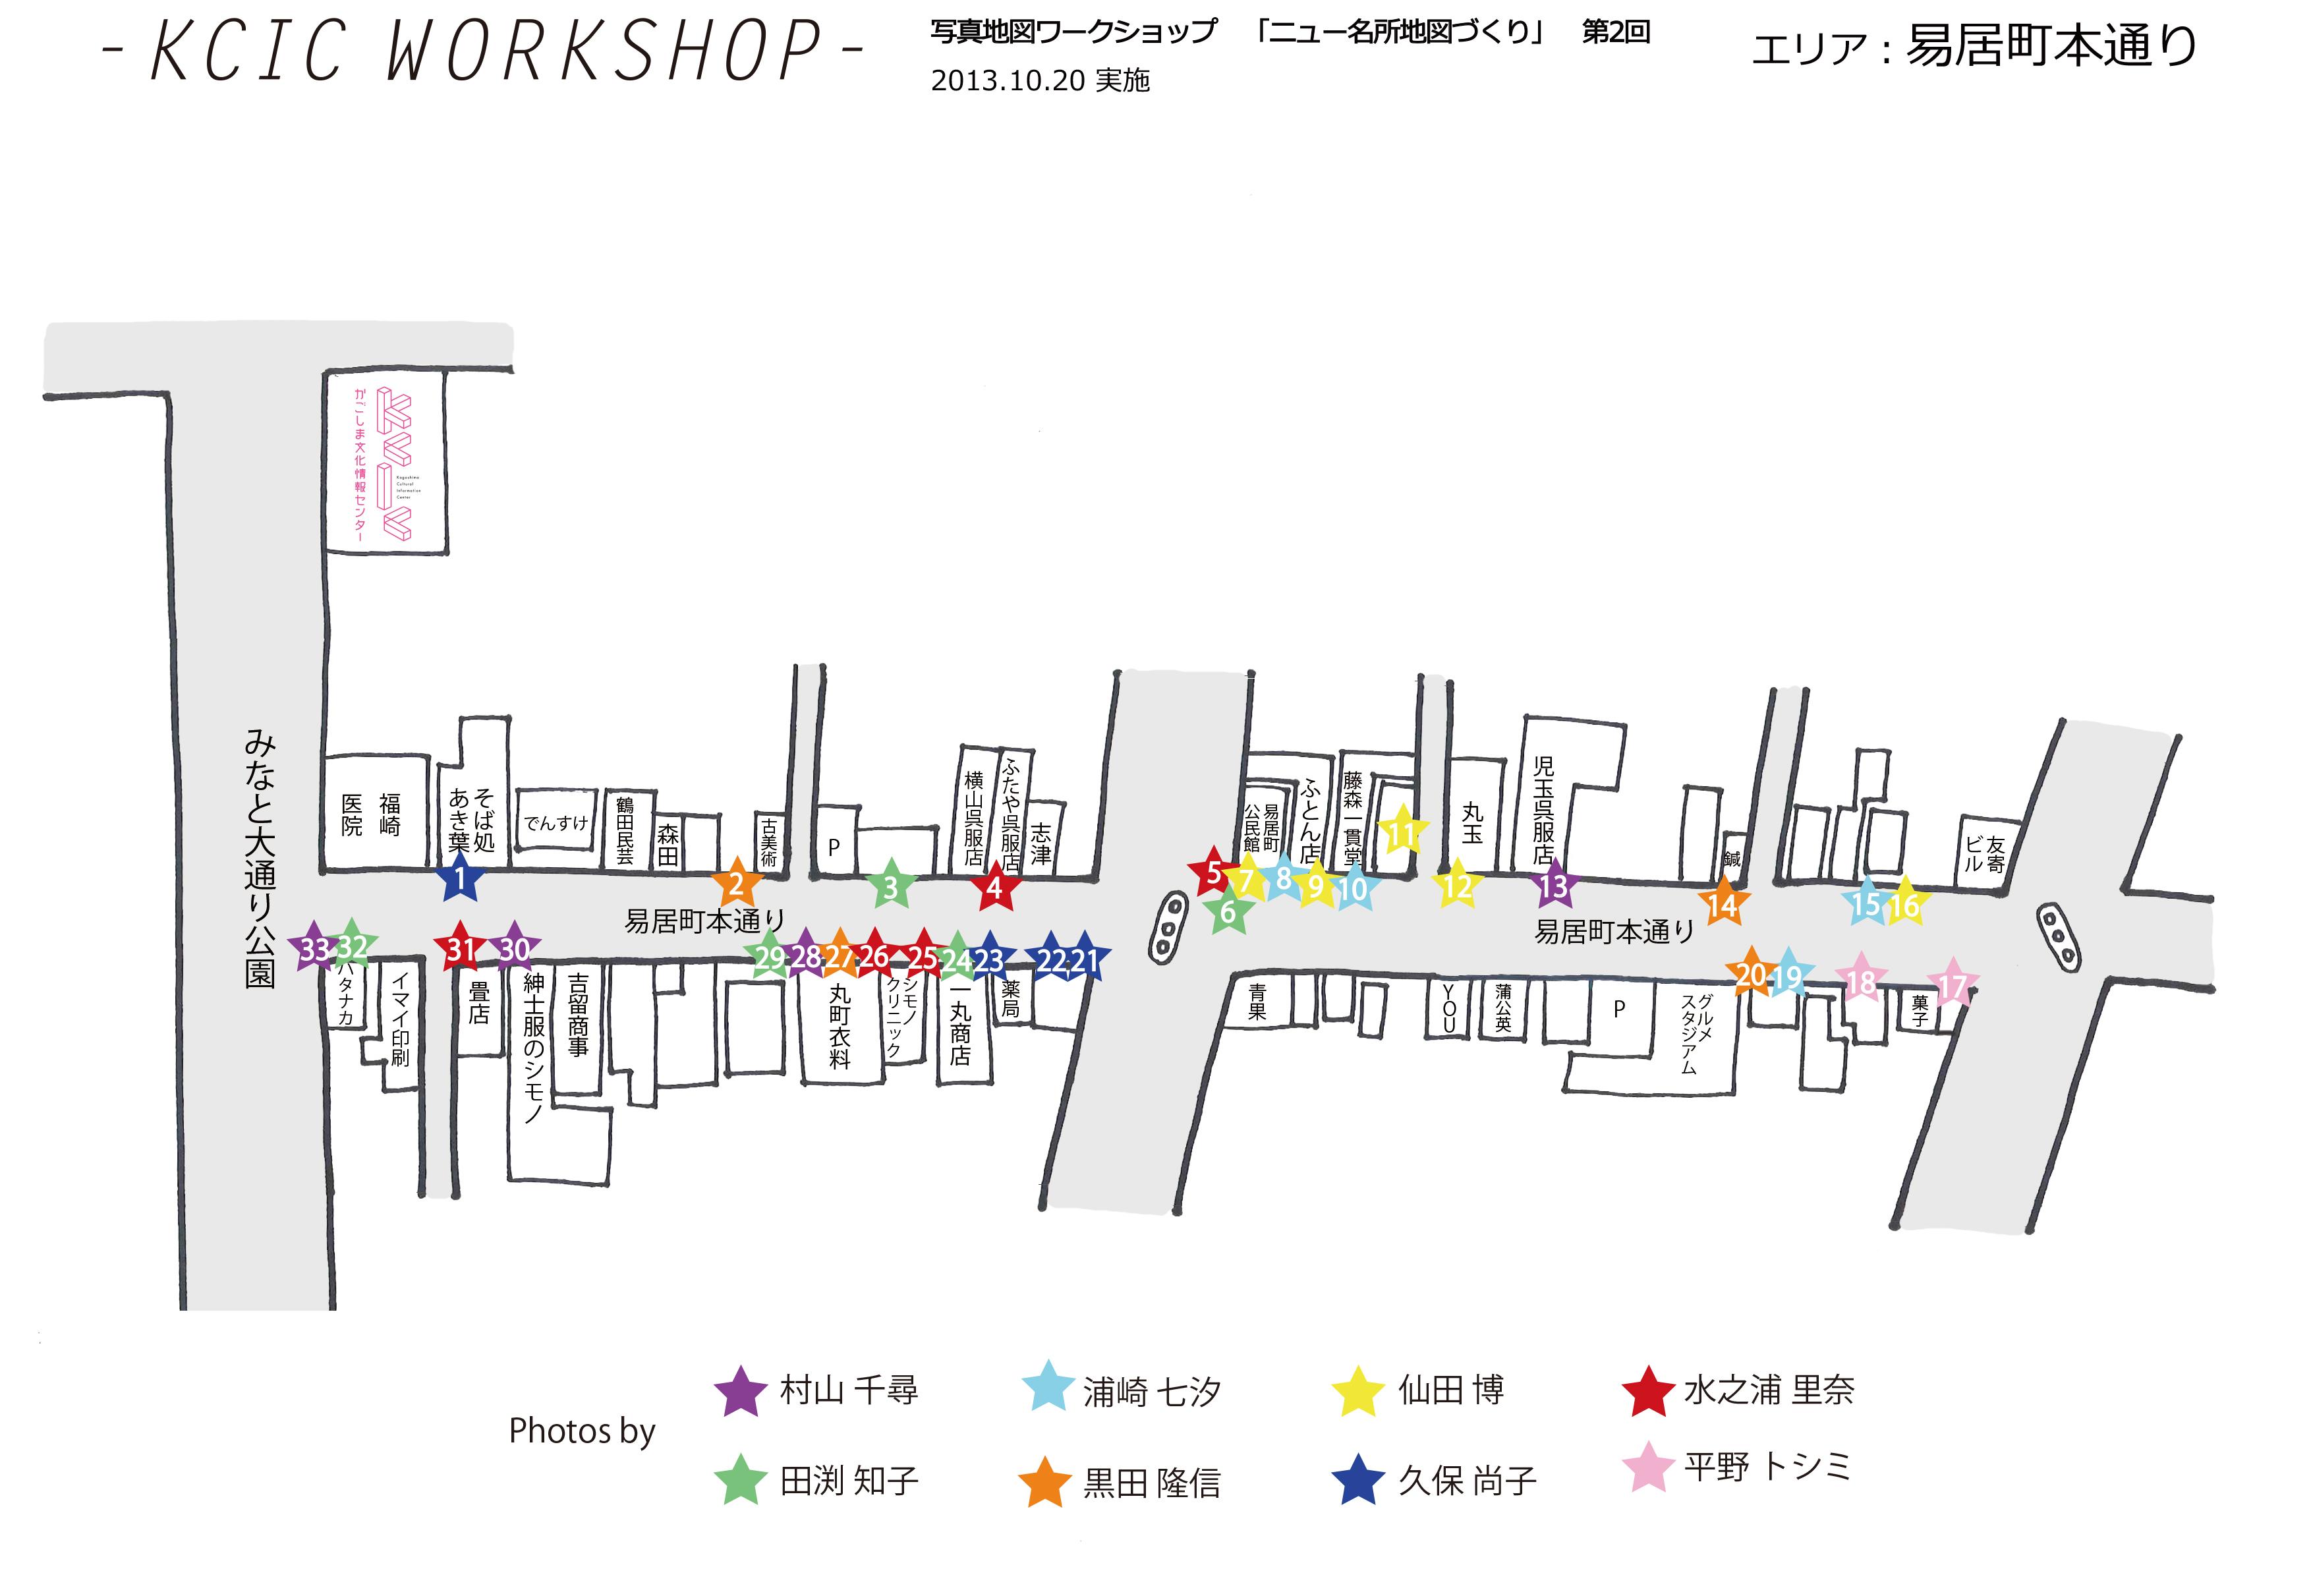 写真地図ワークショップ 「易居町本通り」 ギャラリー